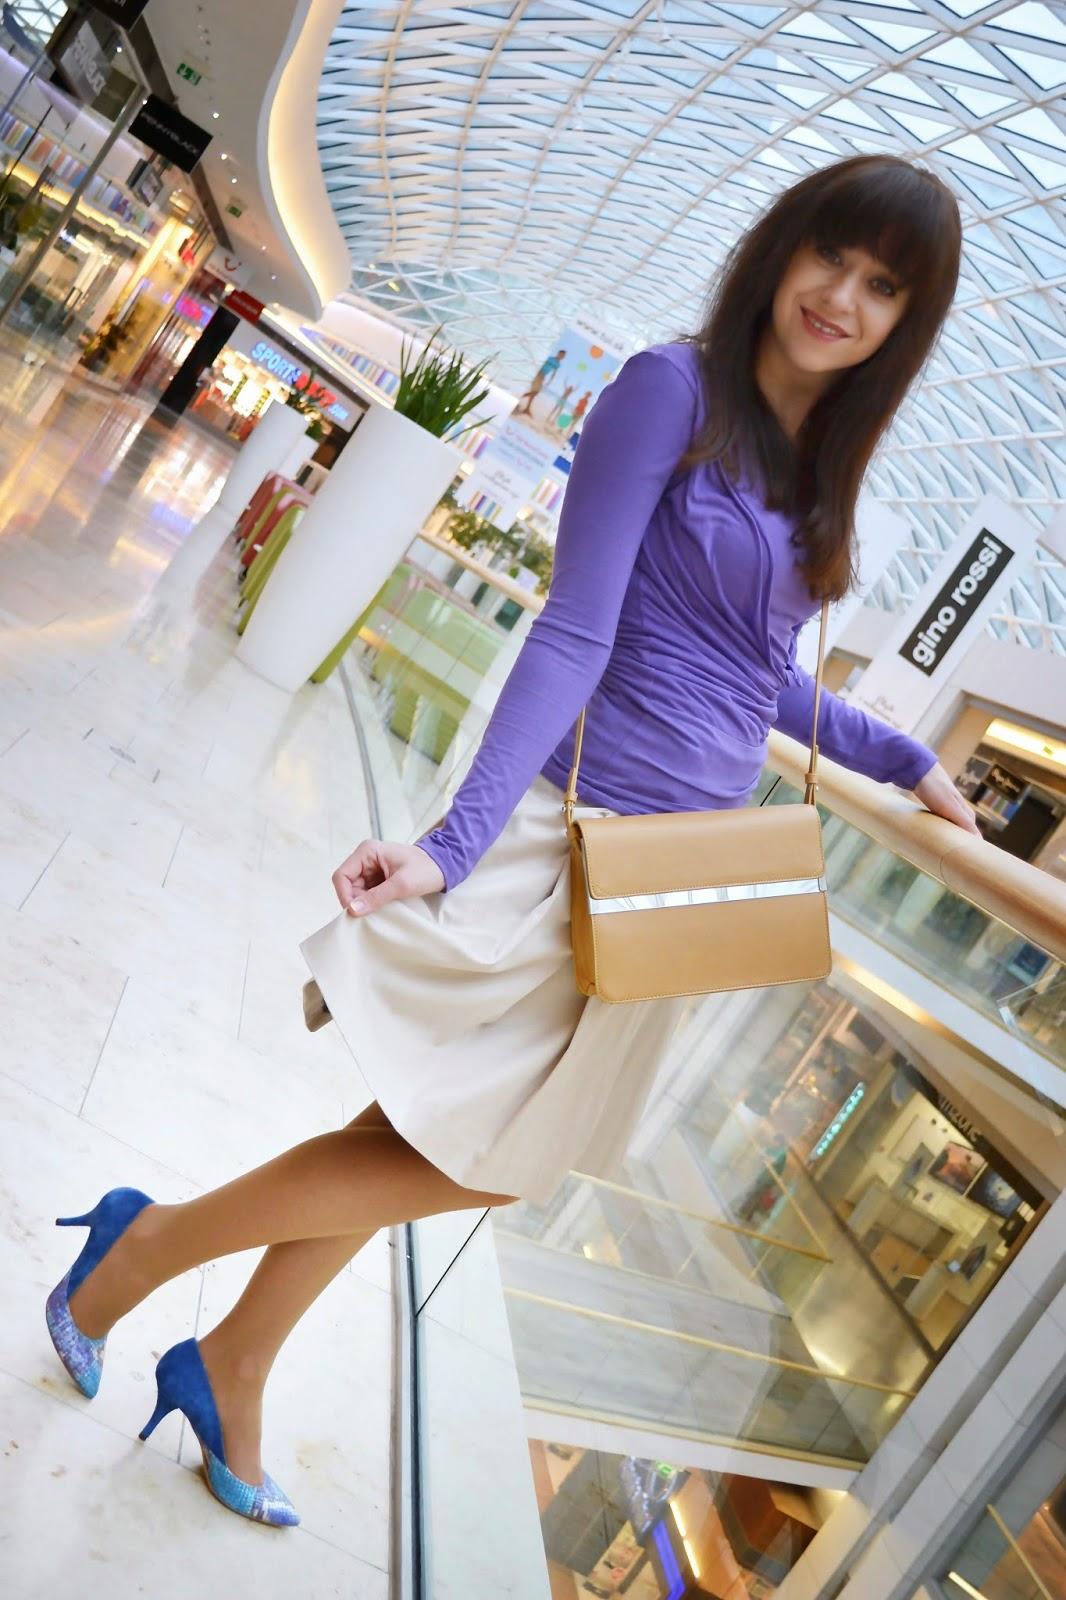 How to start a new day_Katharine-fashion is beautiful_Béžová sukňa_Semišové lodičky_Animal print_Katarína Jakubčová_Fashion blogger